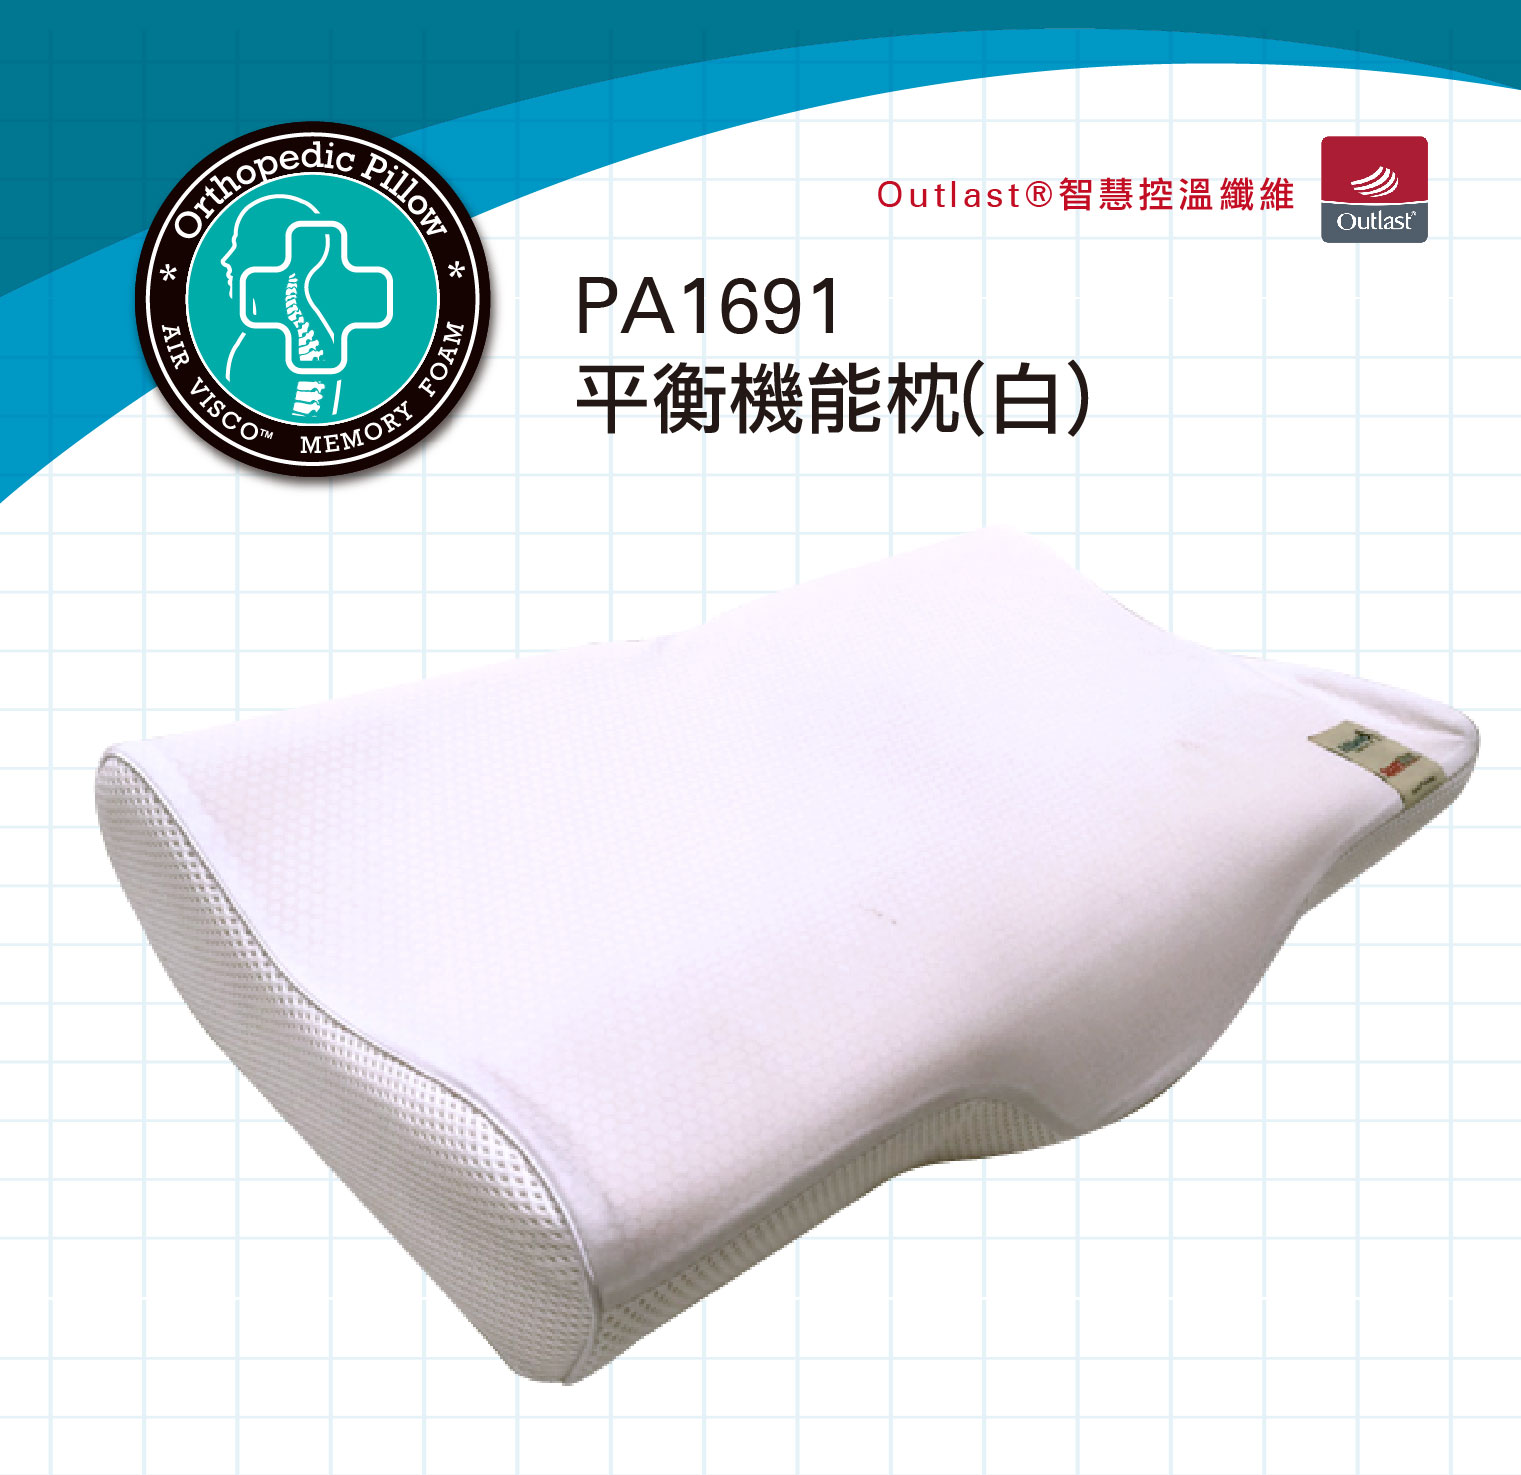 枕頭-平衡機能枕*特殊凹槽設計*智慧控溫*outlast*科技護理*奧斯汀